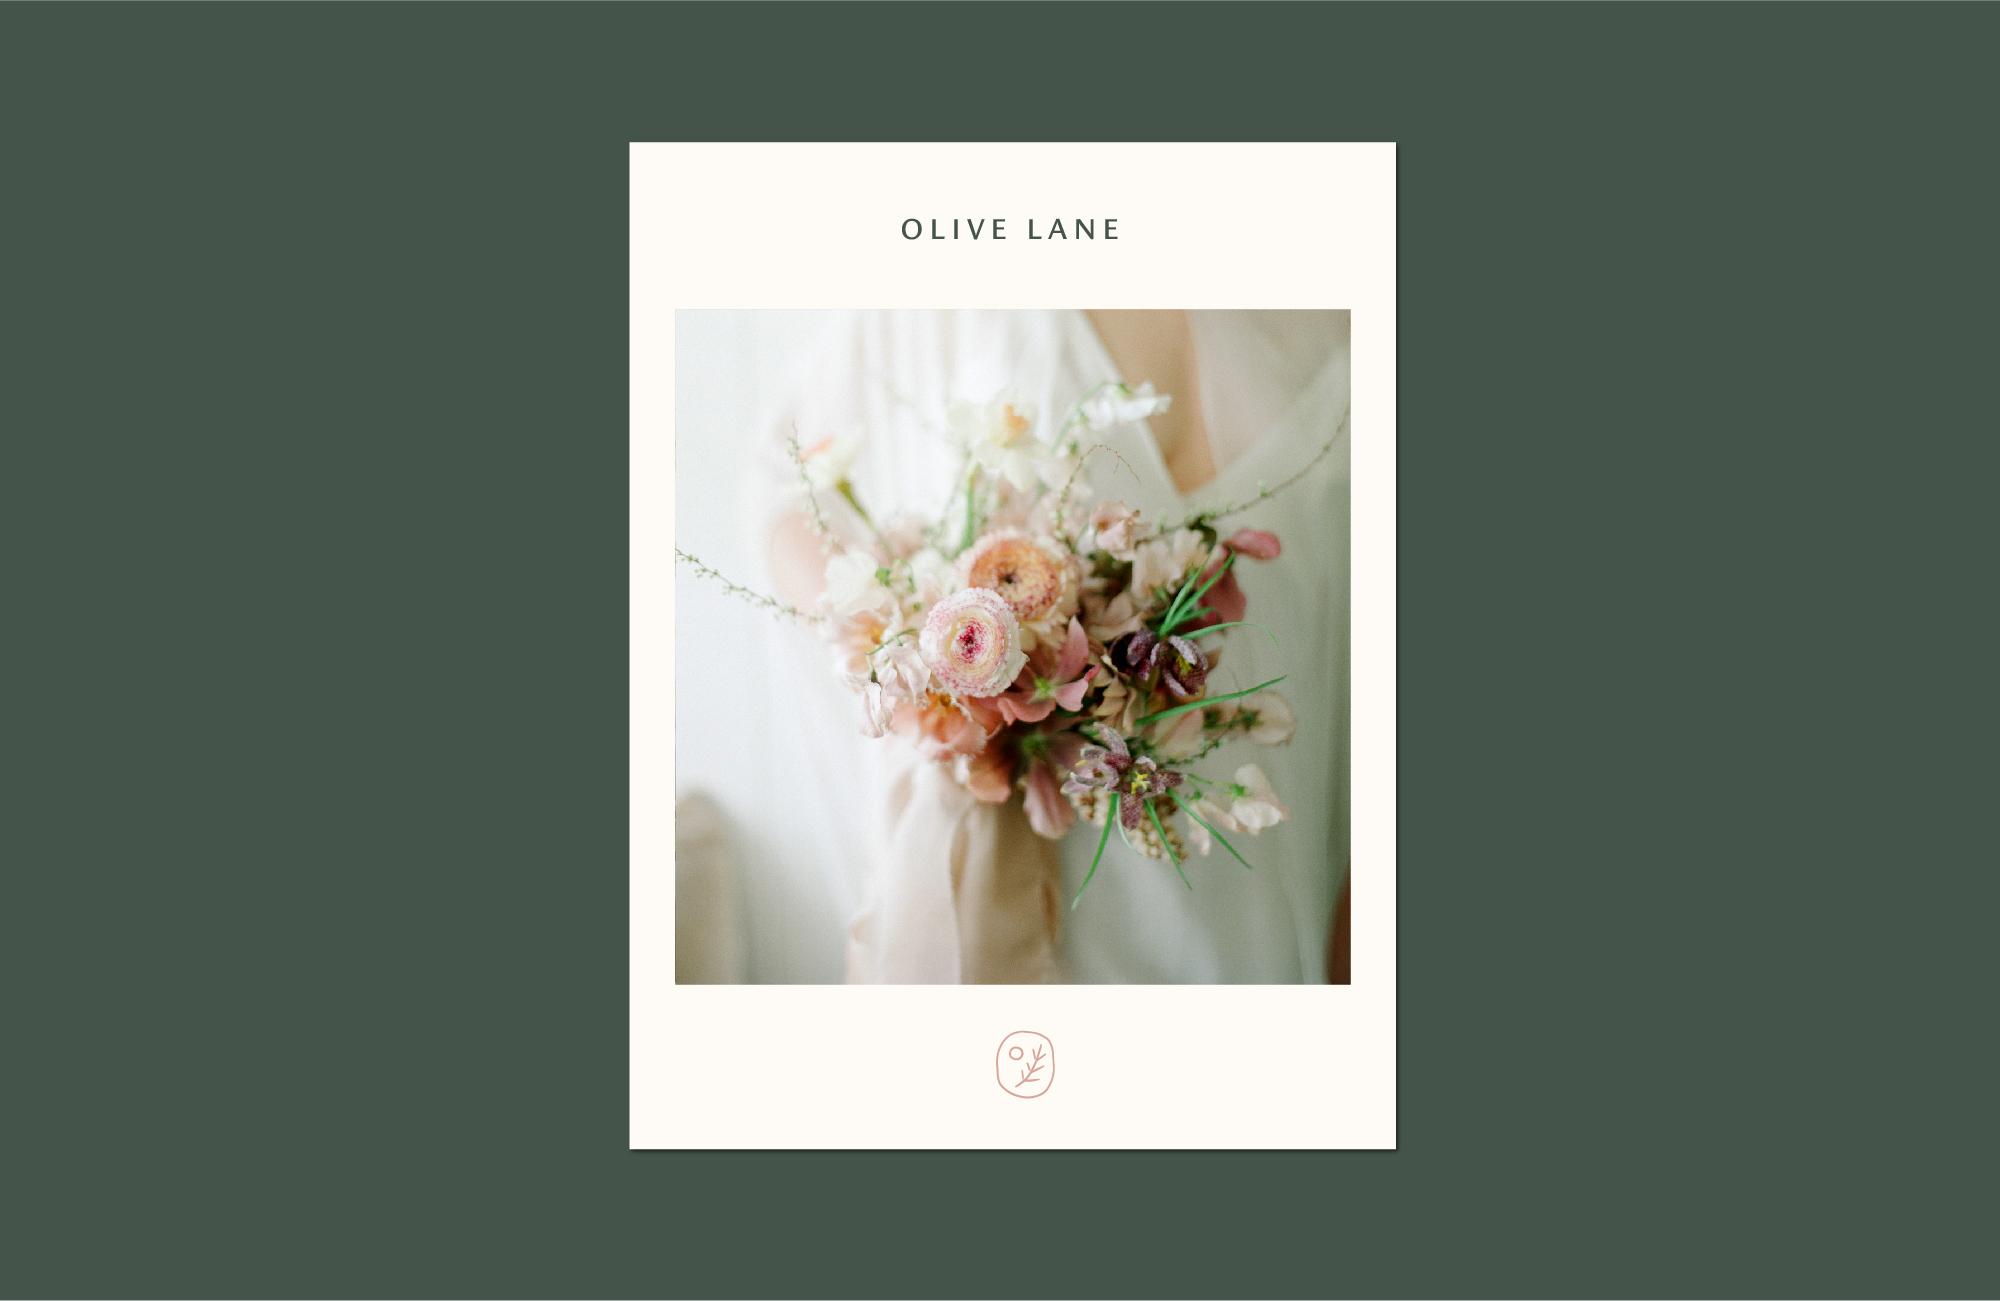 viscayawagner_select_olive-lane_-04.jpg